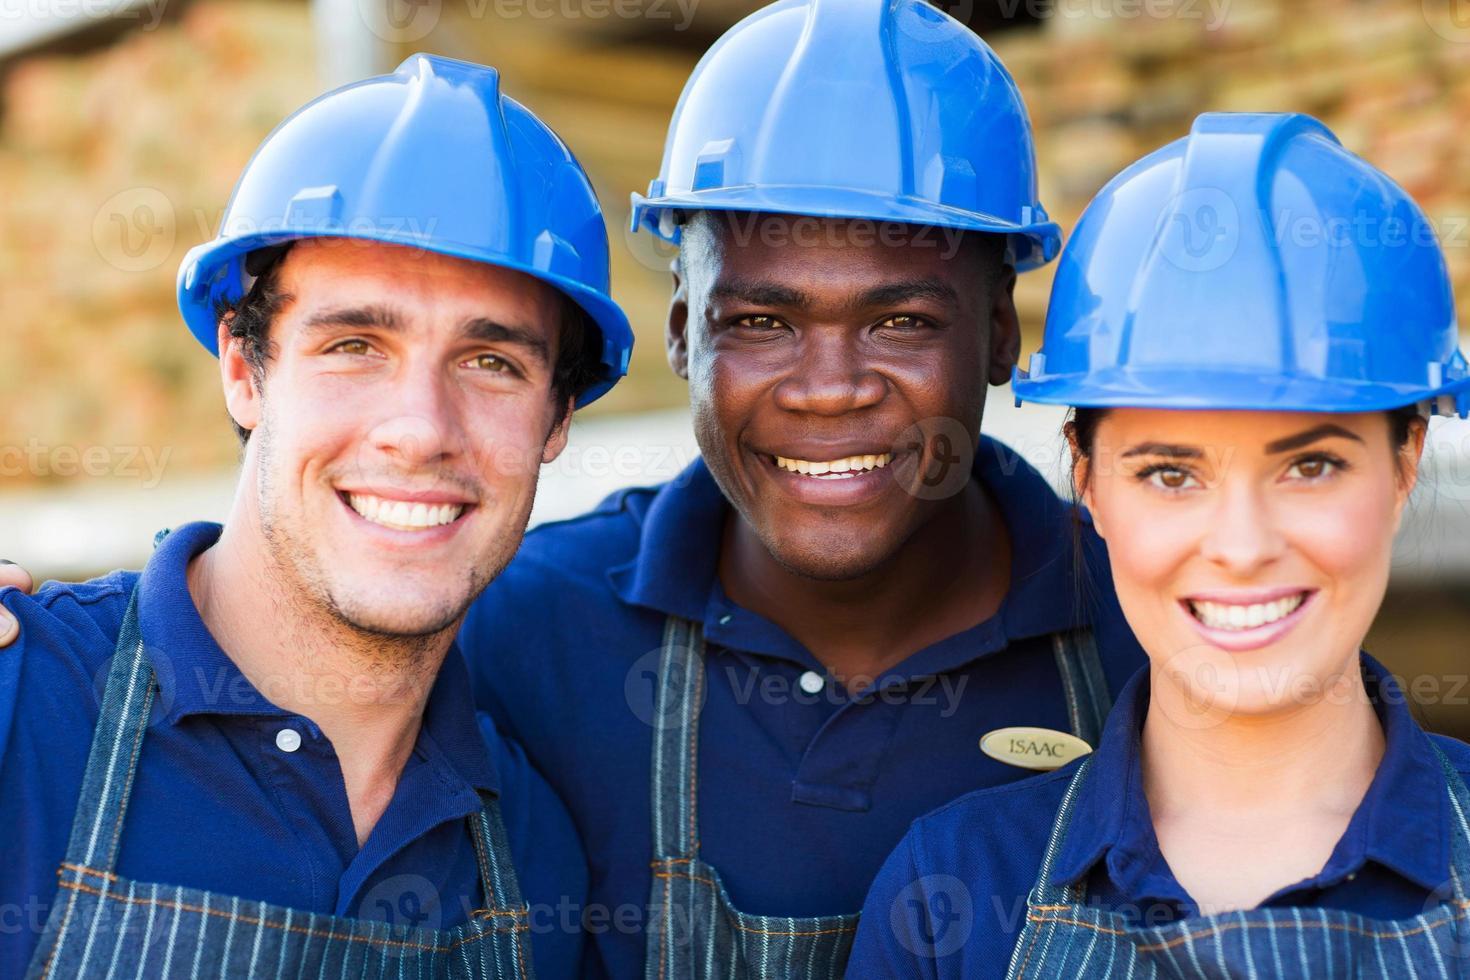 trabajadores de ferreterías foto